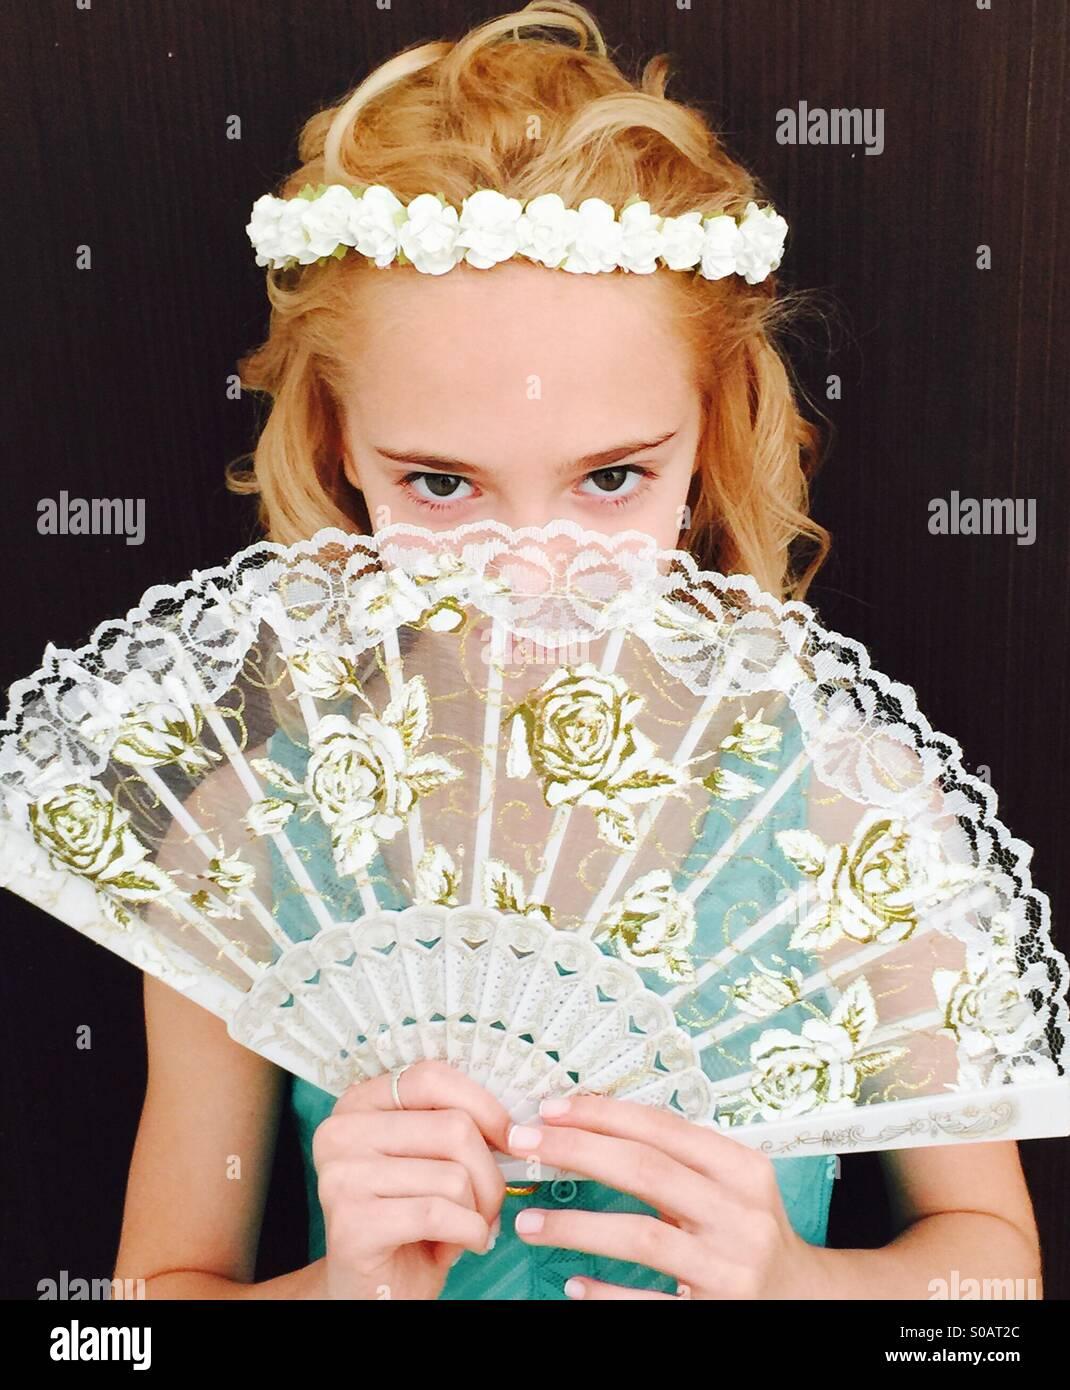 Ma fille habillée pour un mariage Photo Stock